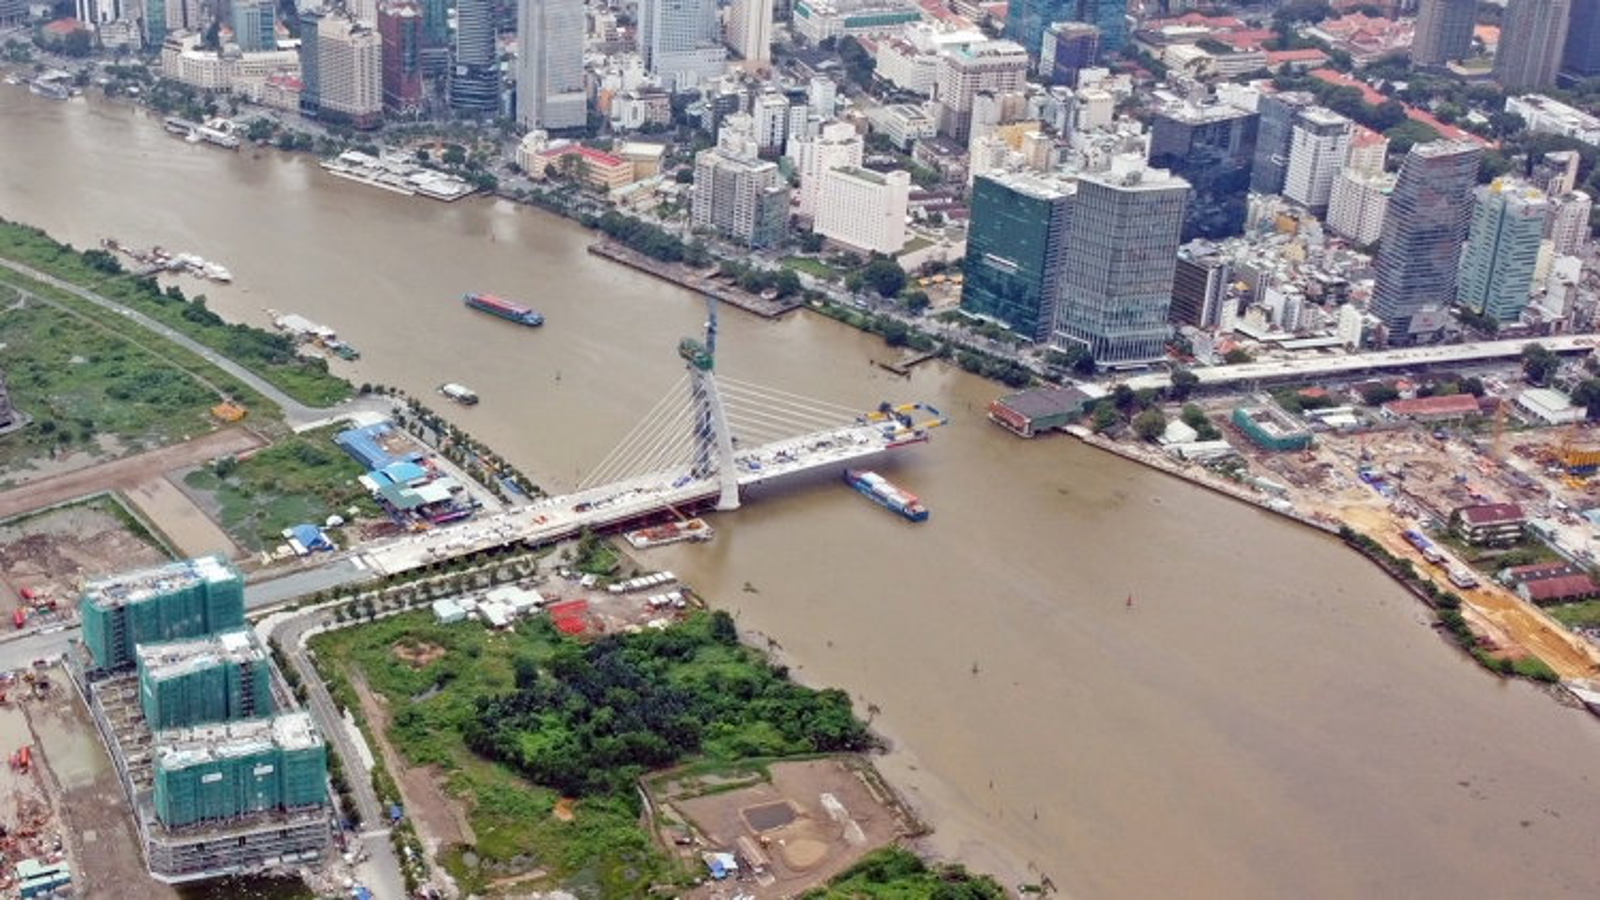 Cầu Thủ Thiêm 2 sẽ được thi công trở lại vào trước ngày 15/4